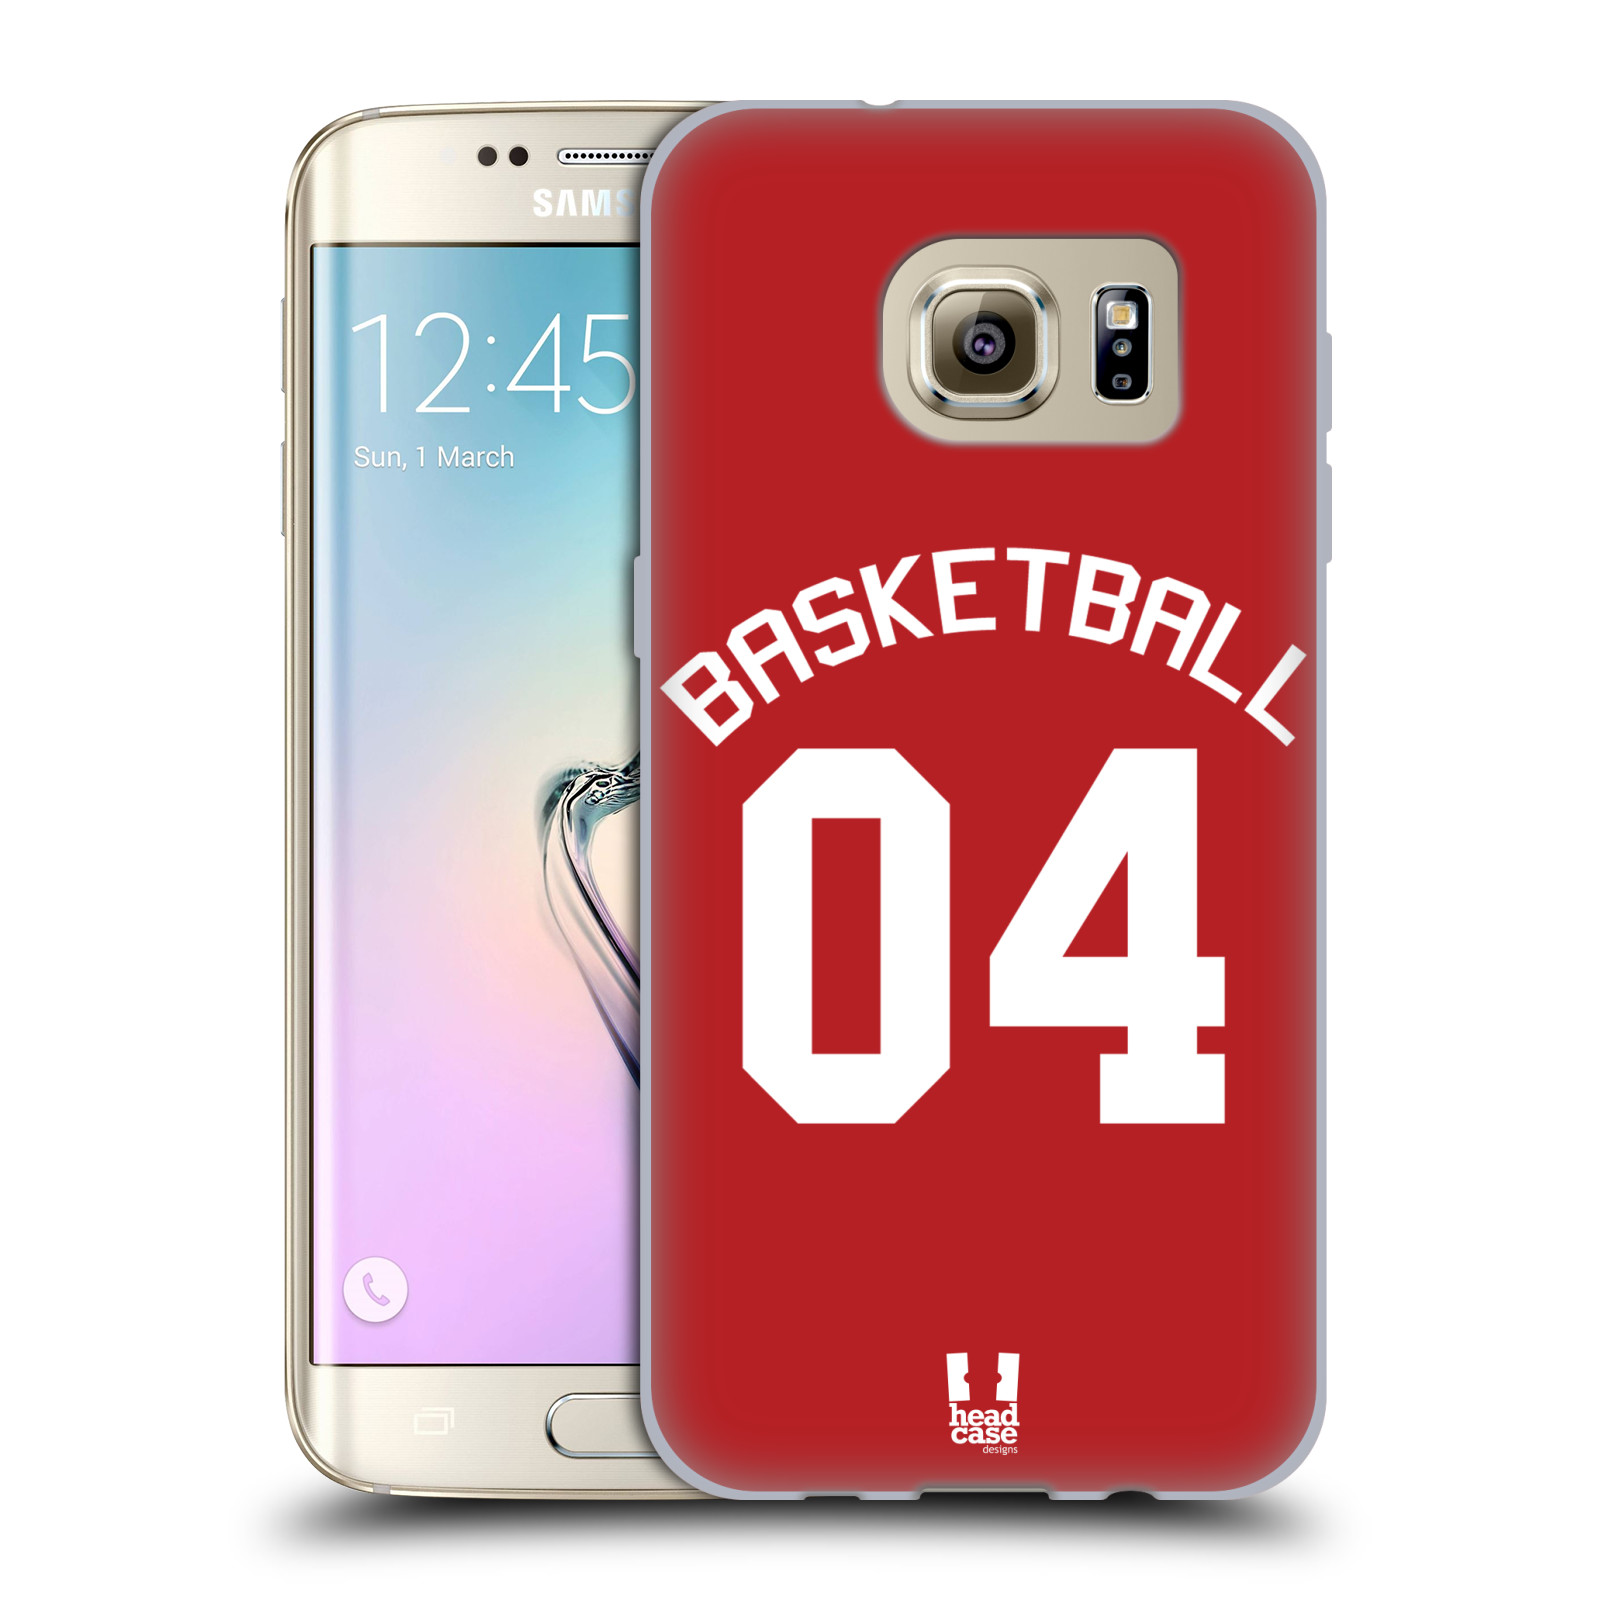 HEAD CASE silikonový obal na mobil Samsung Galaxy S7 EDGE Sportovní dres Basketbal červený